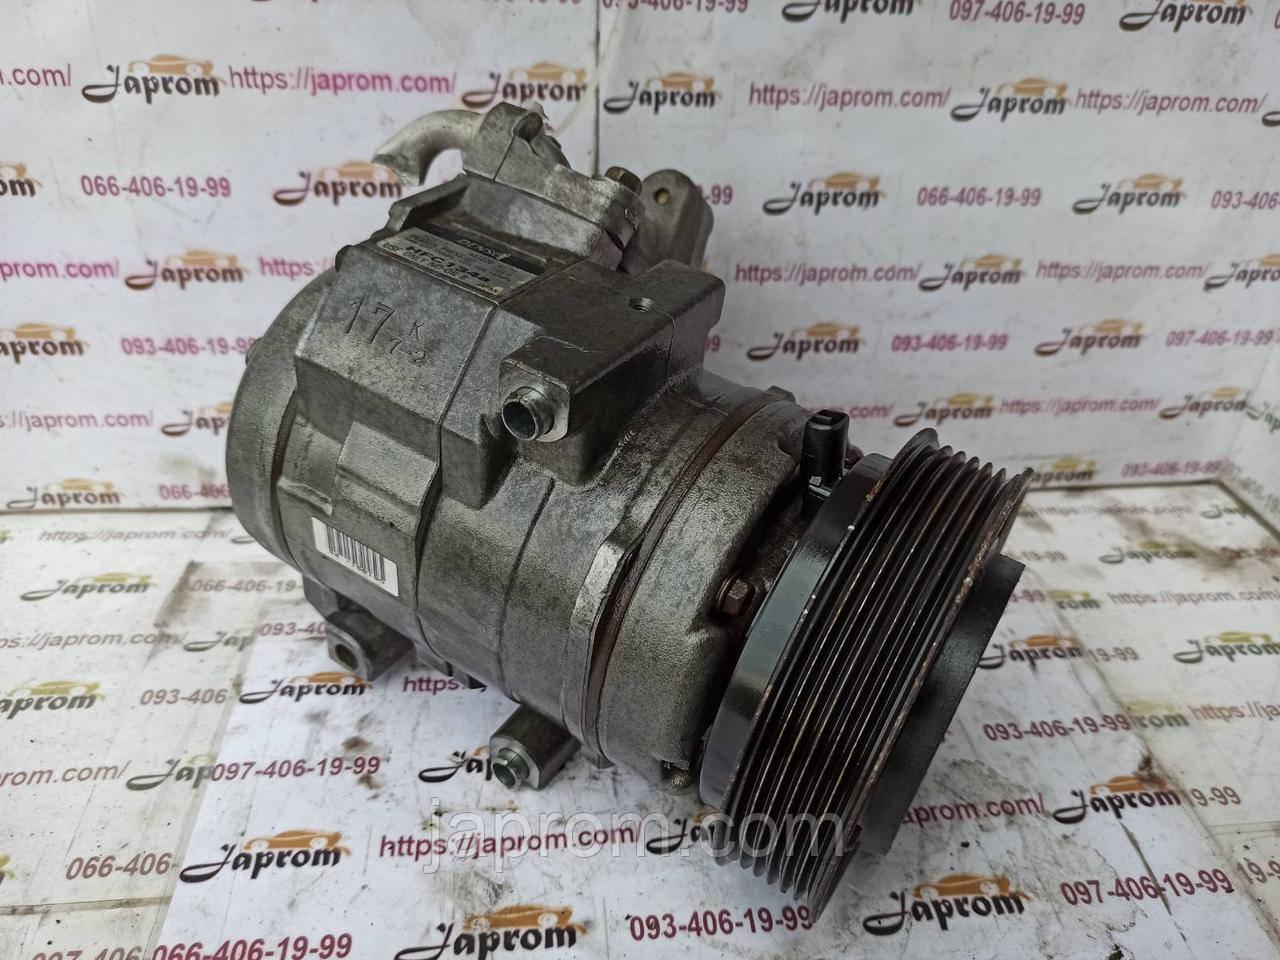 Компрессор кондиционера Mazda MPV (ІІ) 1999 -2006 г.в.2.3 бензин 447220-4671 10S17C HFC134a